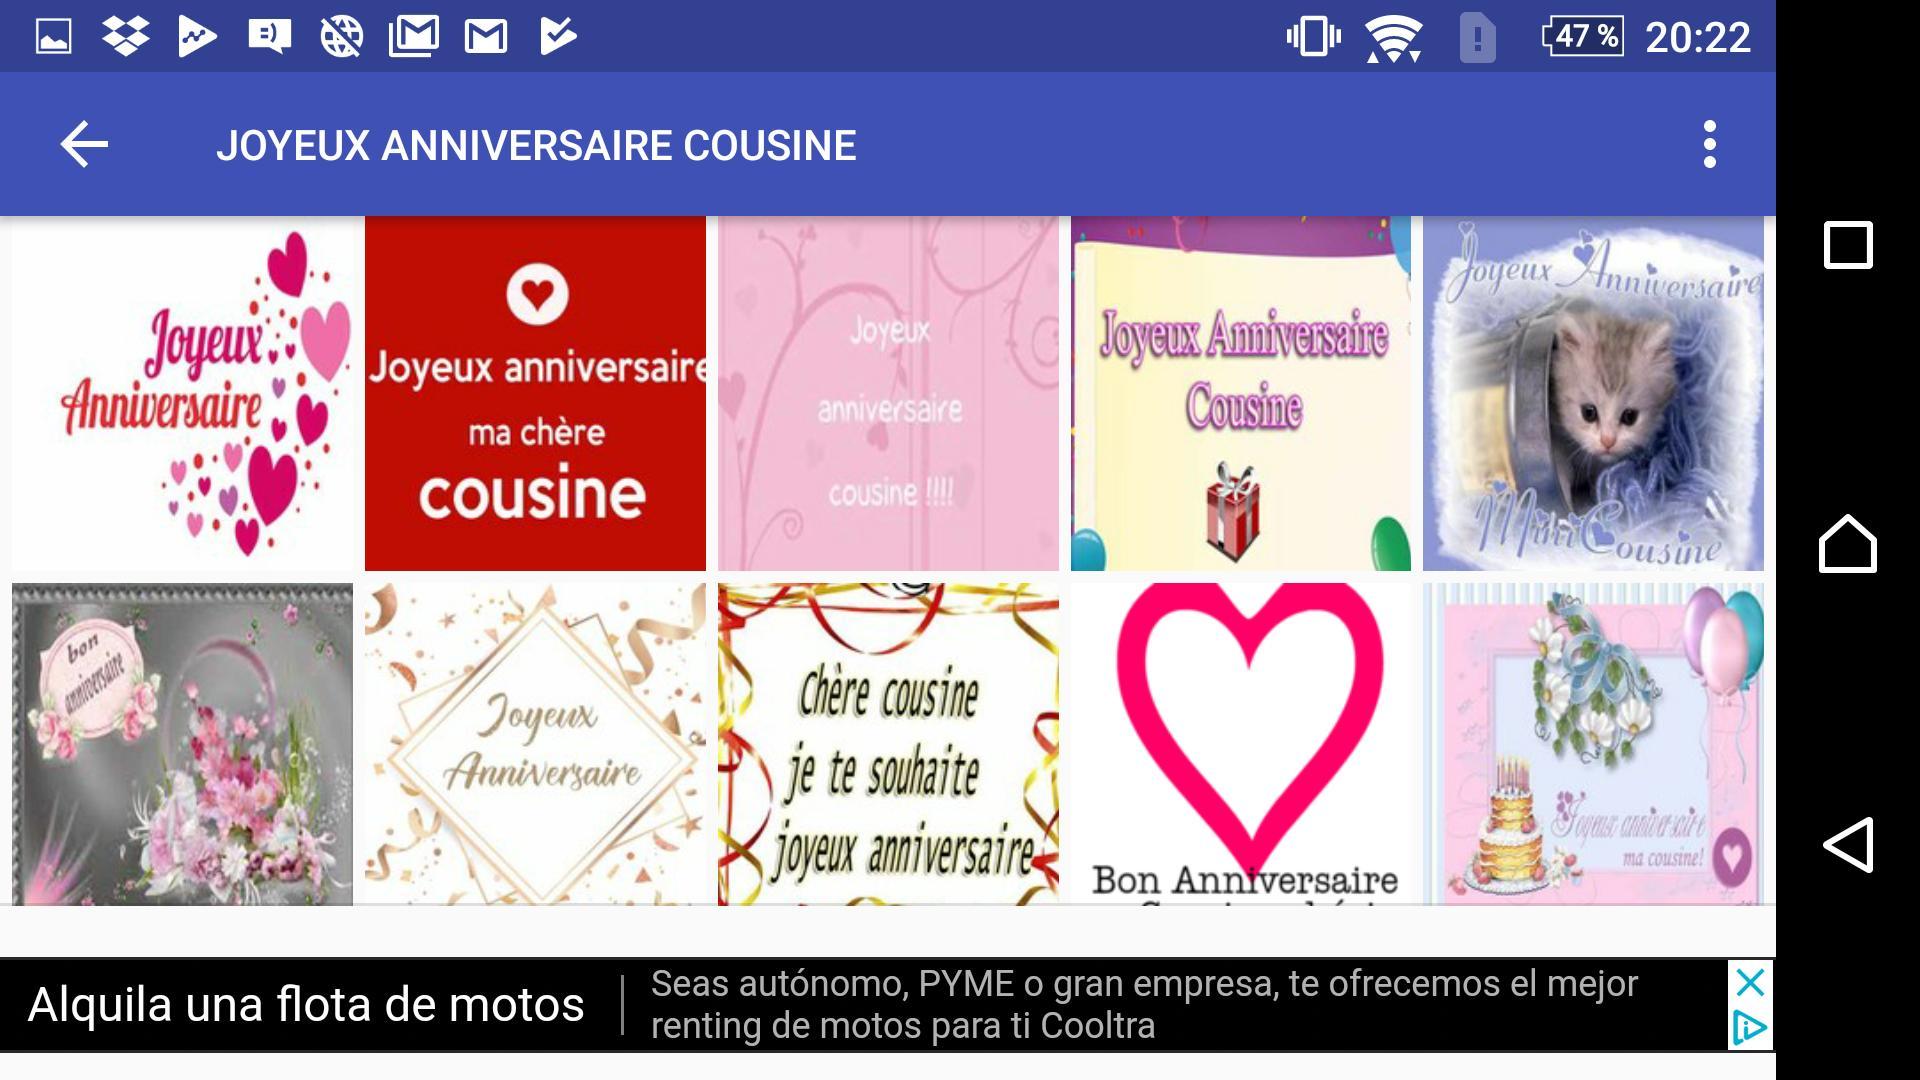 Joyeux Anniversaire Cousine For Android Apk Download